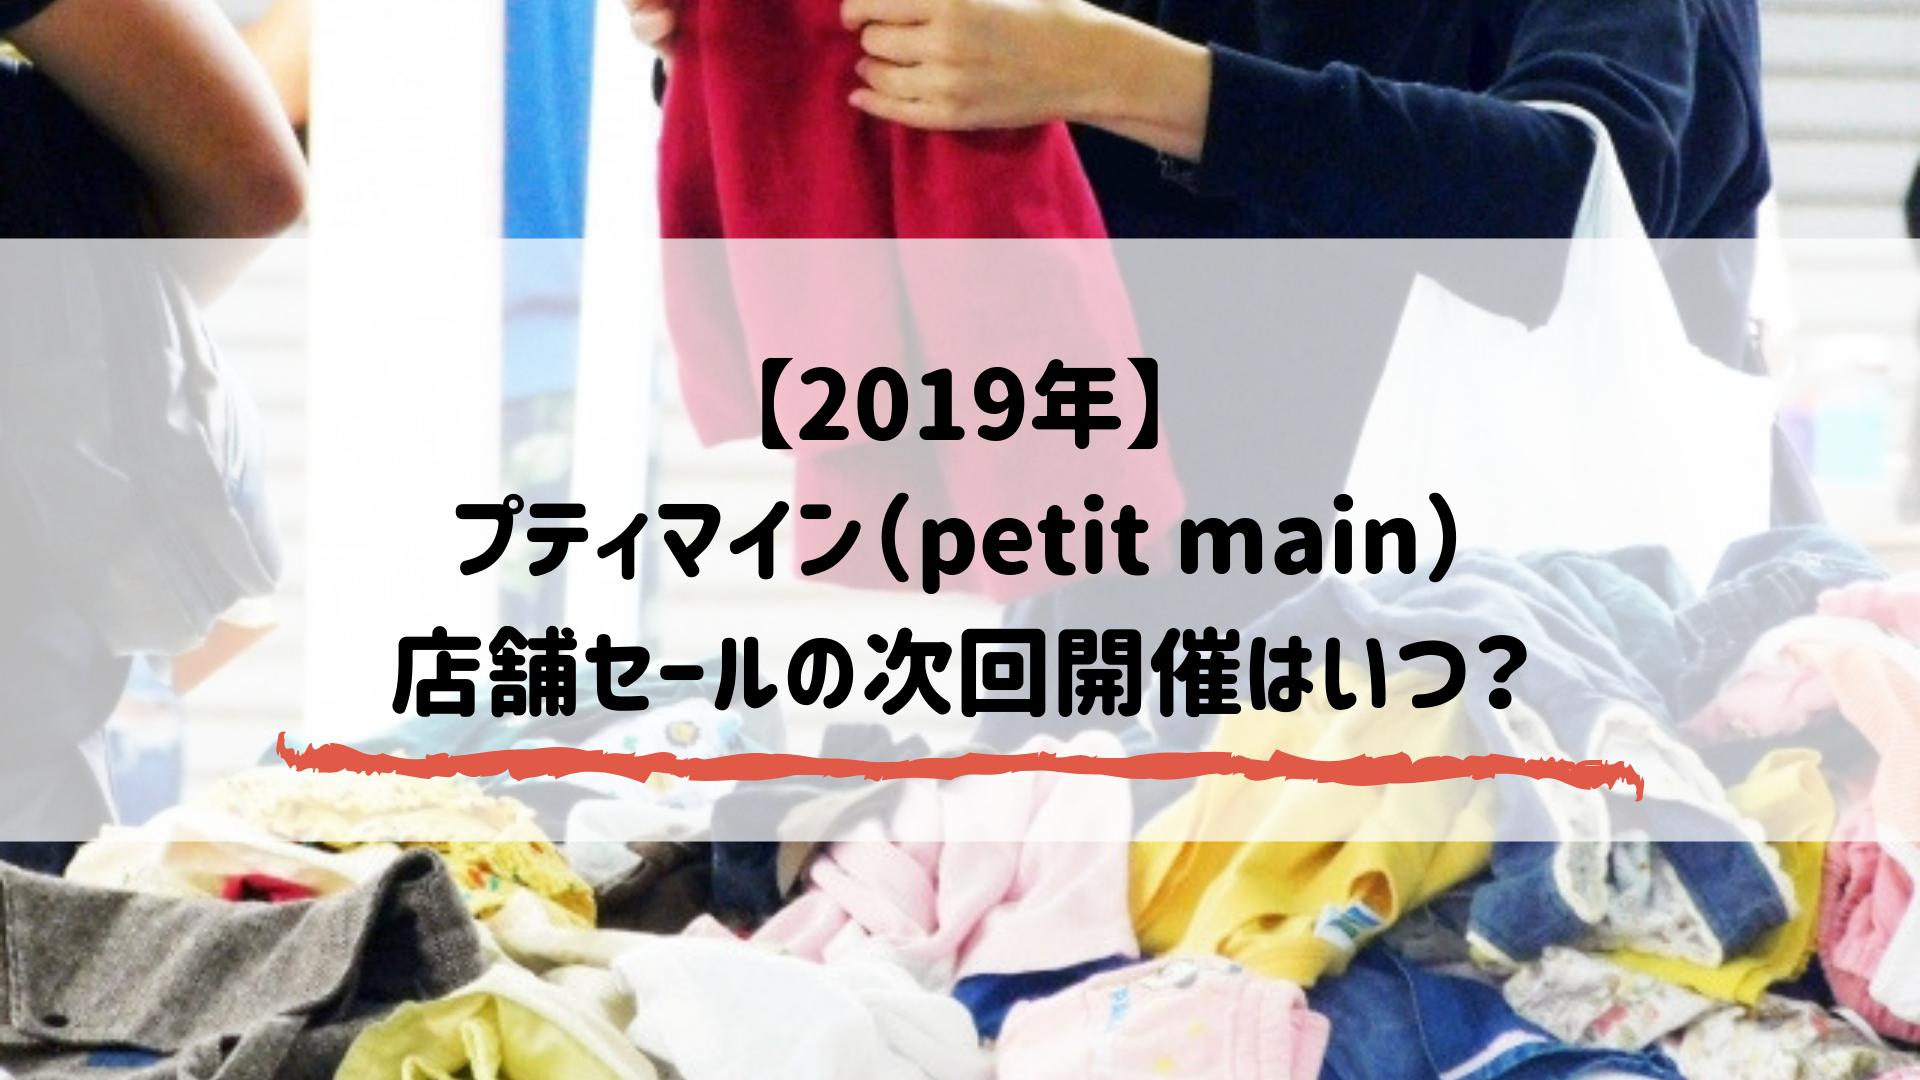 【2019年】 プティマイン(petit main) 店舗セールの次回開催はいつ?